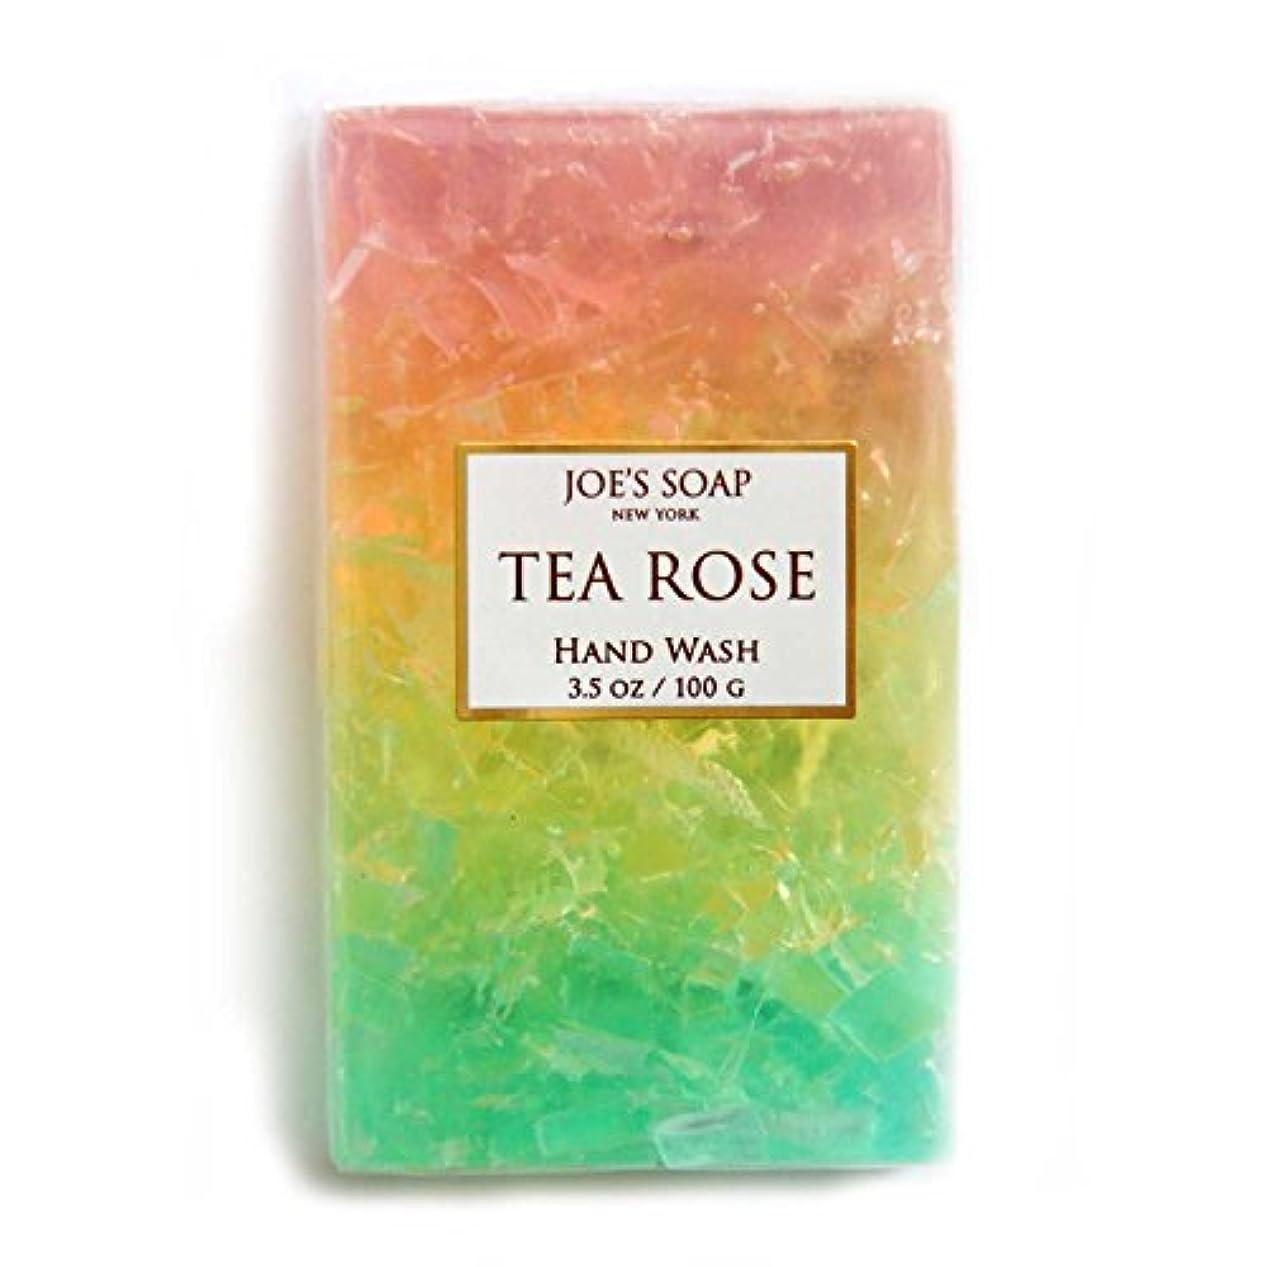 着飾るルーキーパワーJOE'S SOAP ジョーズソープ グラスソープ 100g 石けん ボディソープ 洗顔料 せっけん 固形 ギフト